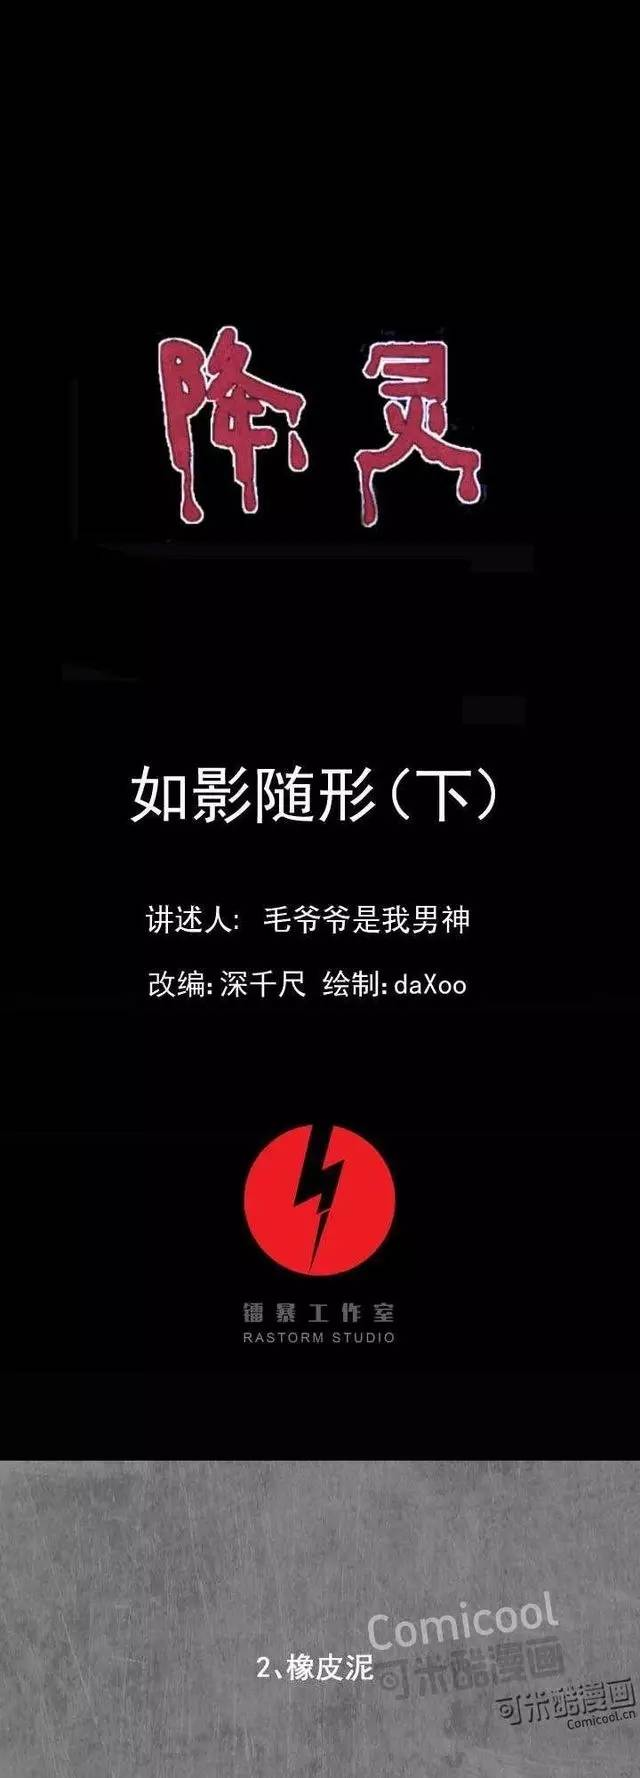 恐怖漫画《漫画鬼》-搜狐extrafate/影子图片